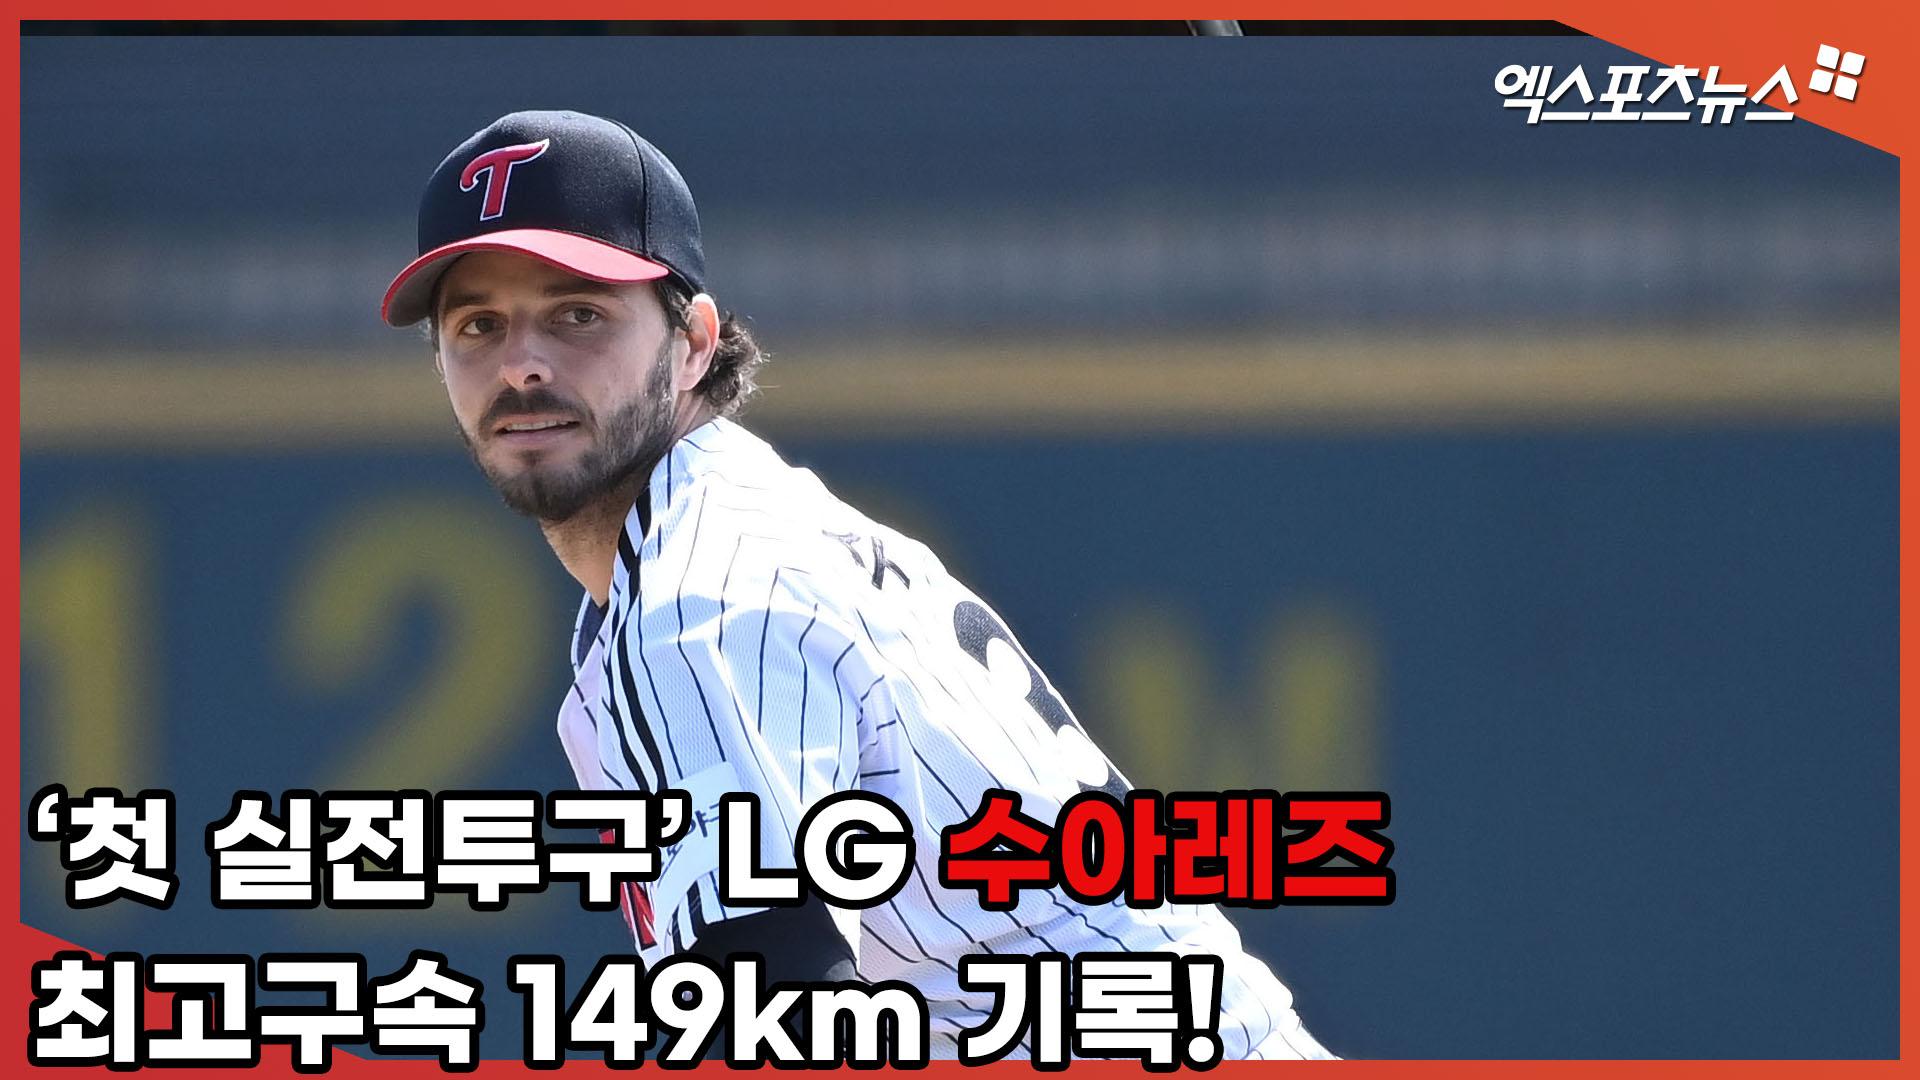 '첫 실전투구' LG 수아레즈, 최고구속 149km 기록! [엑's 영상]